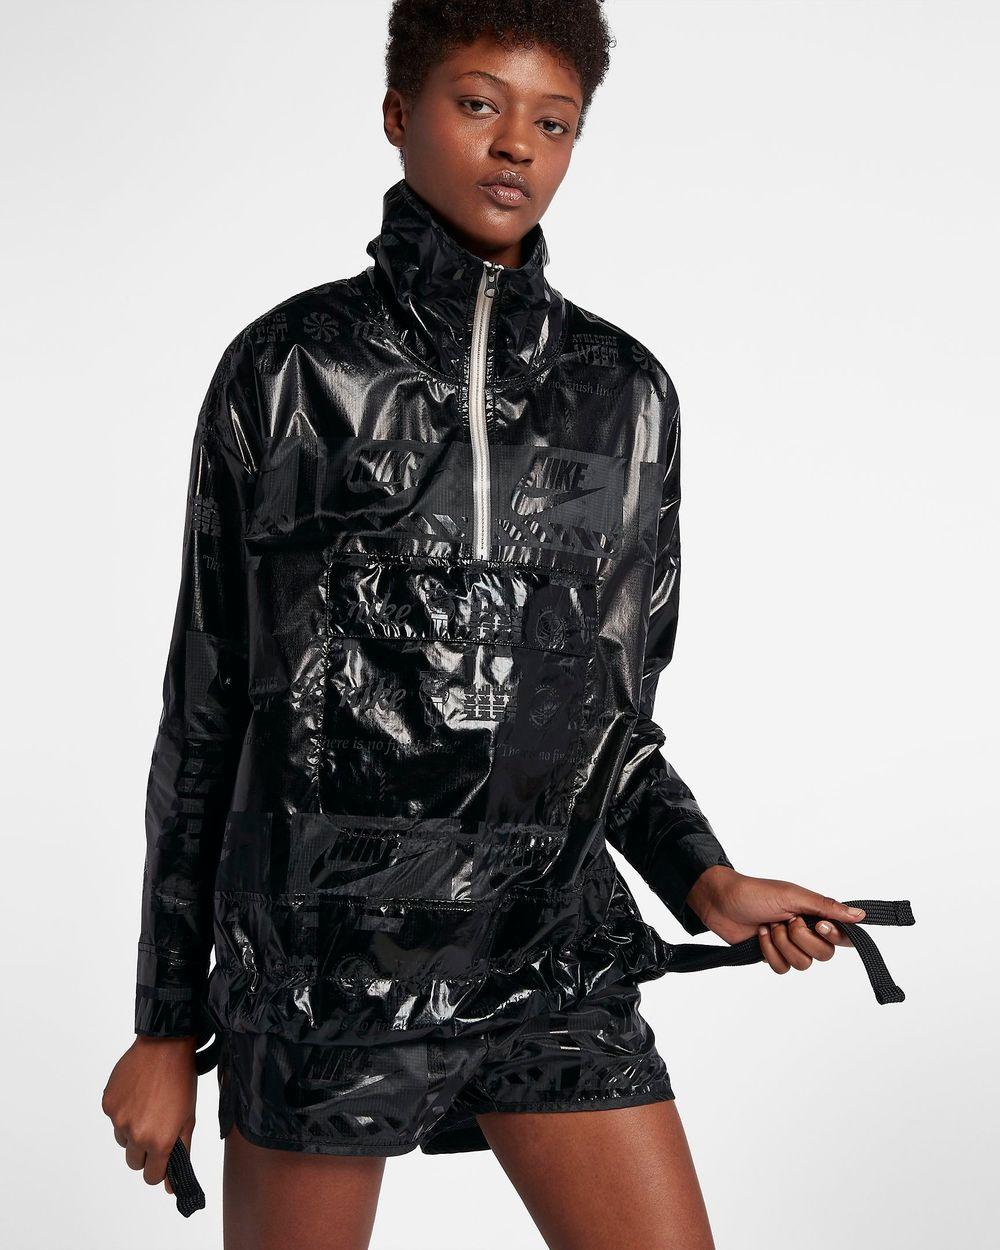 sportswear-metallic-womens-jacket-LLXRjr.jpg